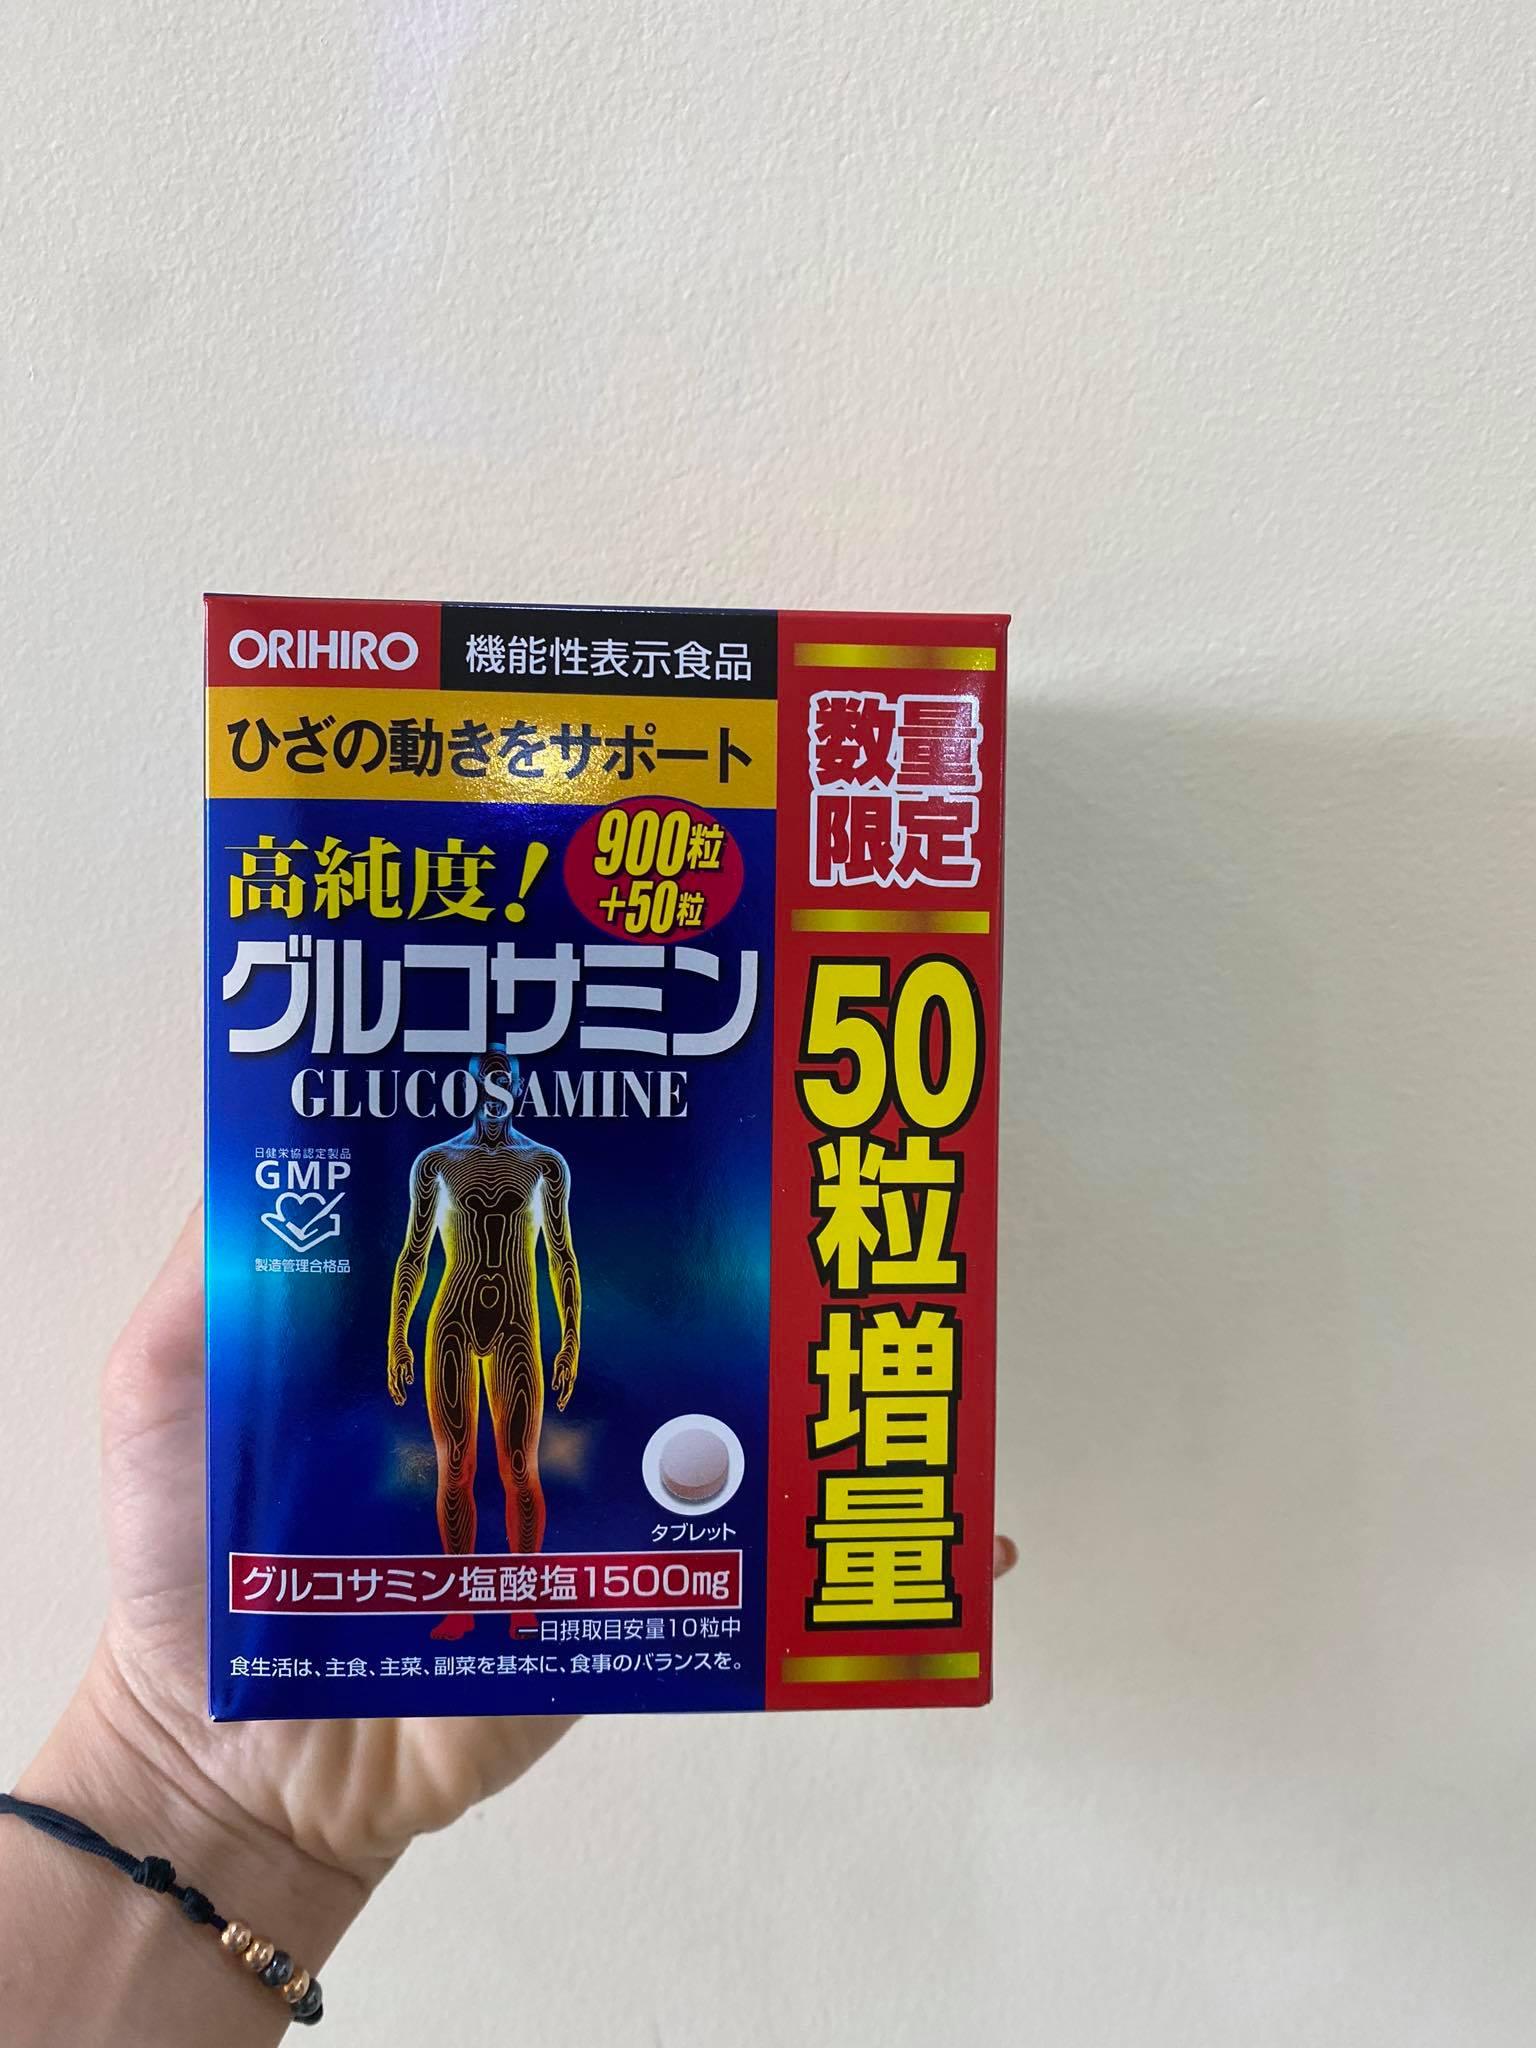 Viên uống Glucosamine Nhật hộp Orihiro 1500mg 950 viên